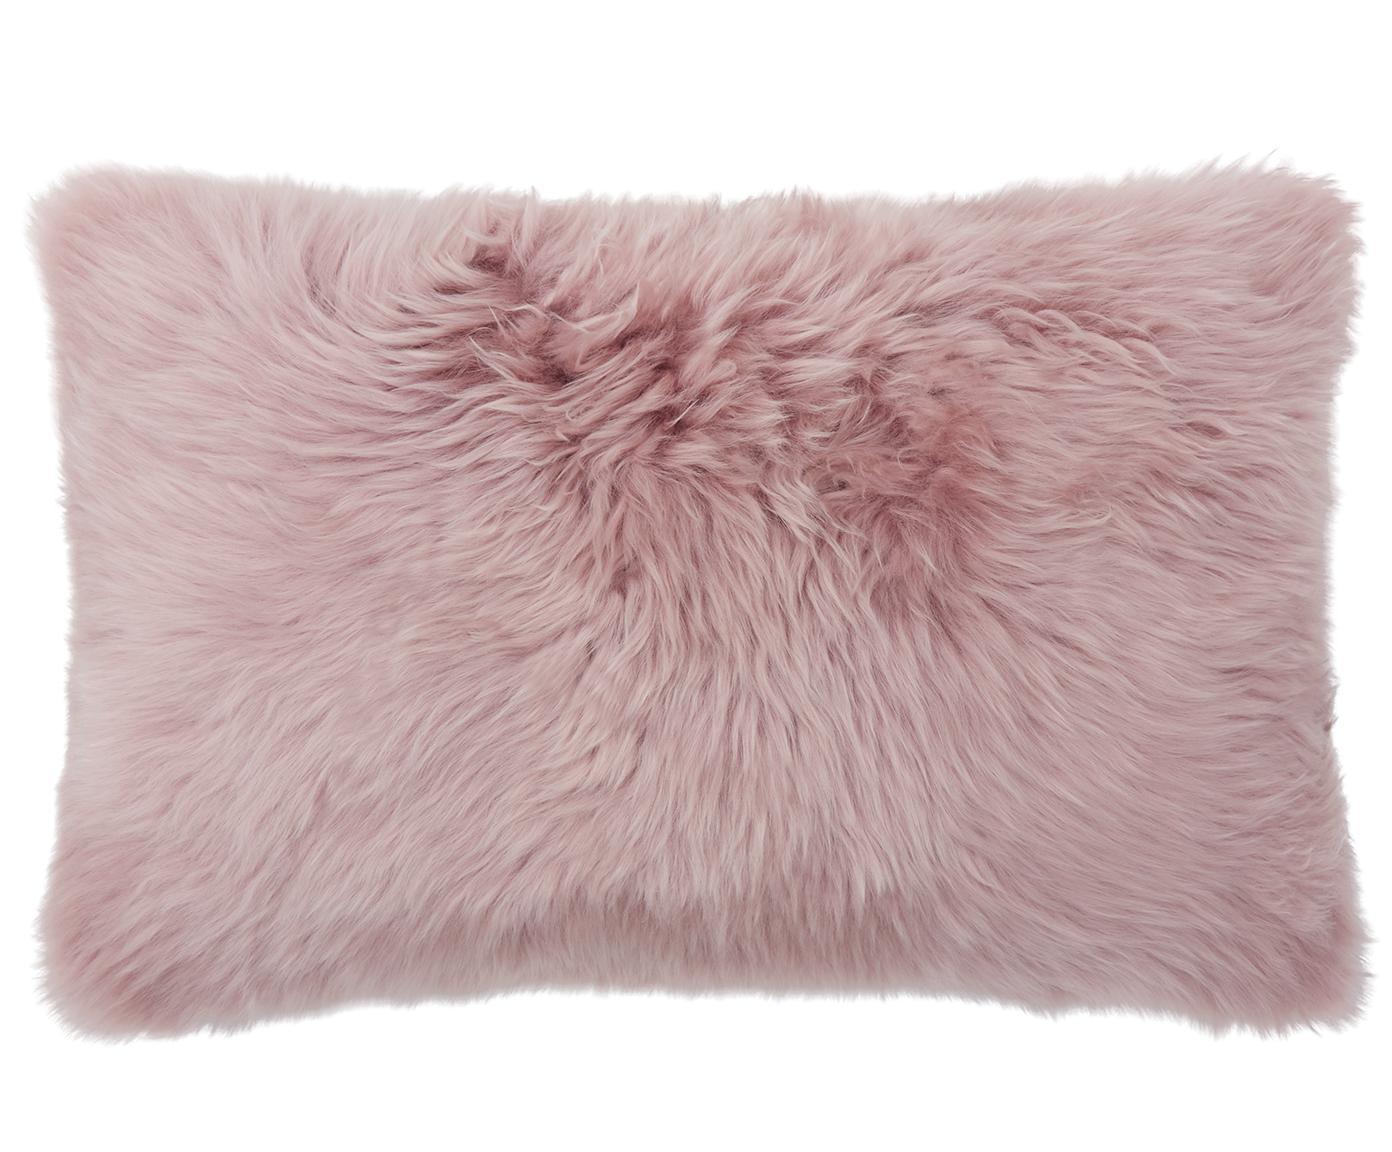 Funda de cojín de piel de oveja Oslo, Parte delantera: piel de oveja, Parte trasera: lino, Rosa, gris claro, An 30 x L 50 cm